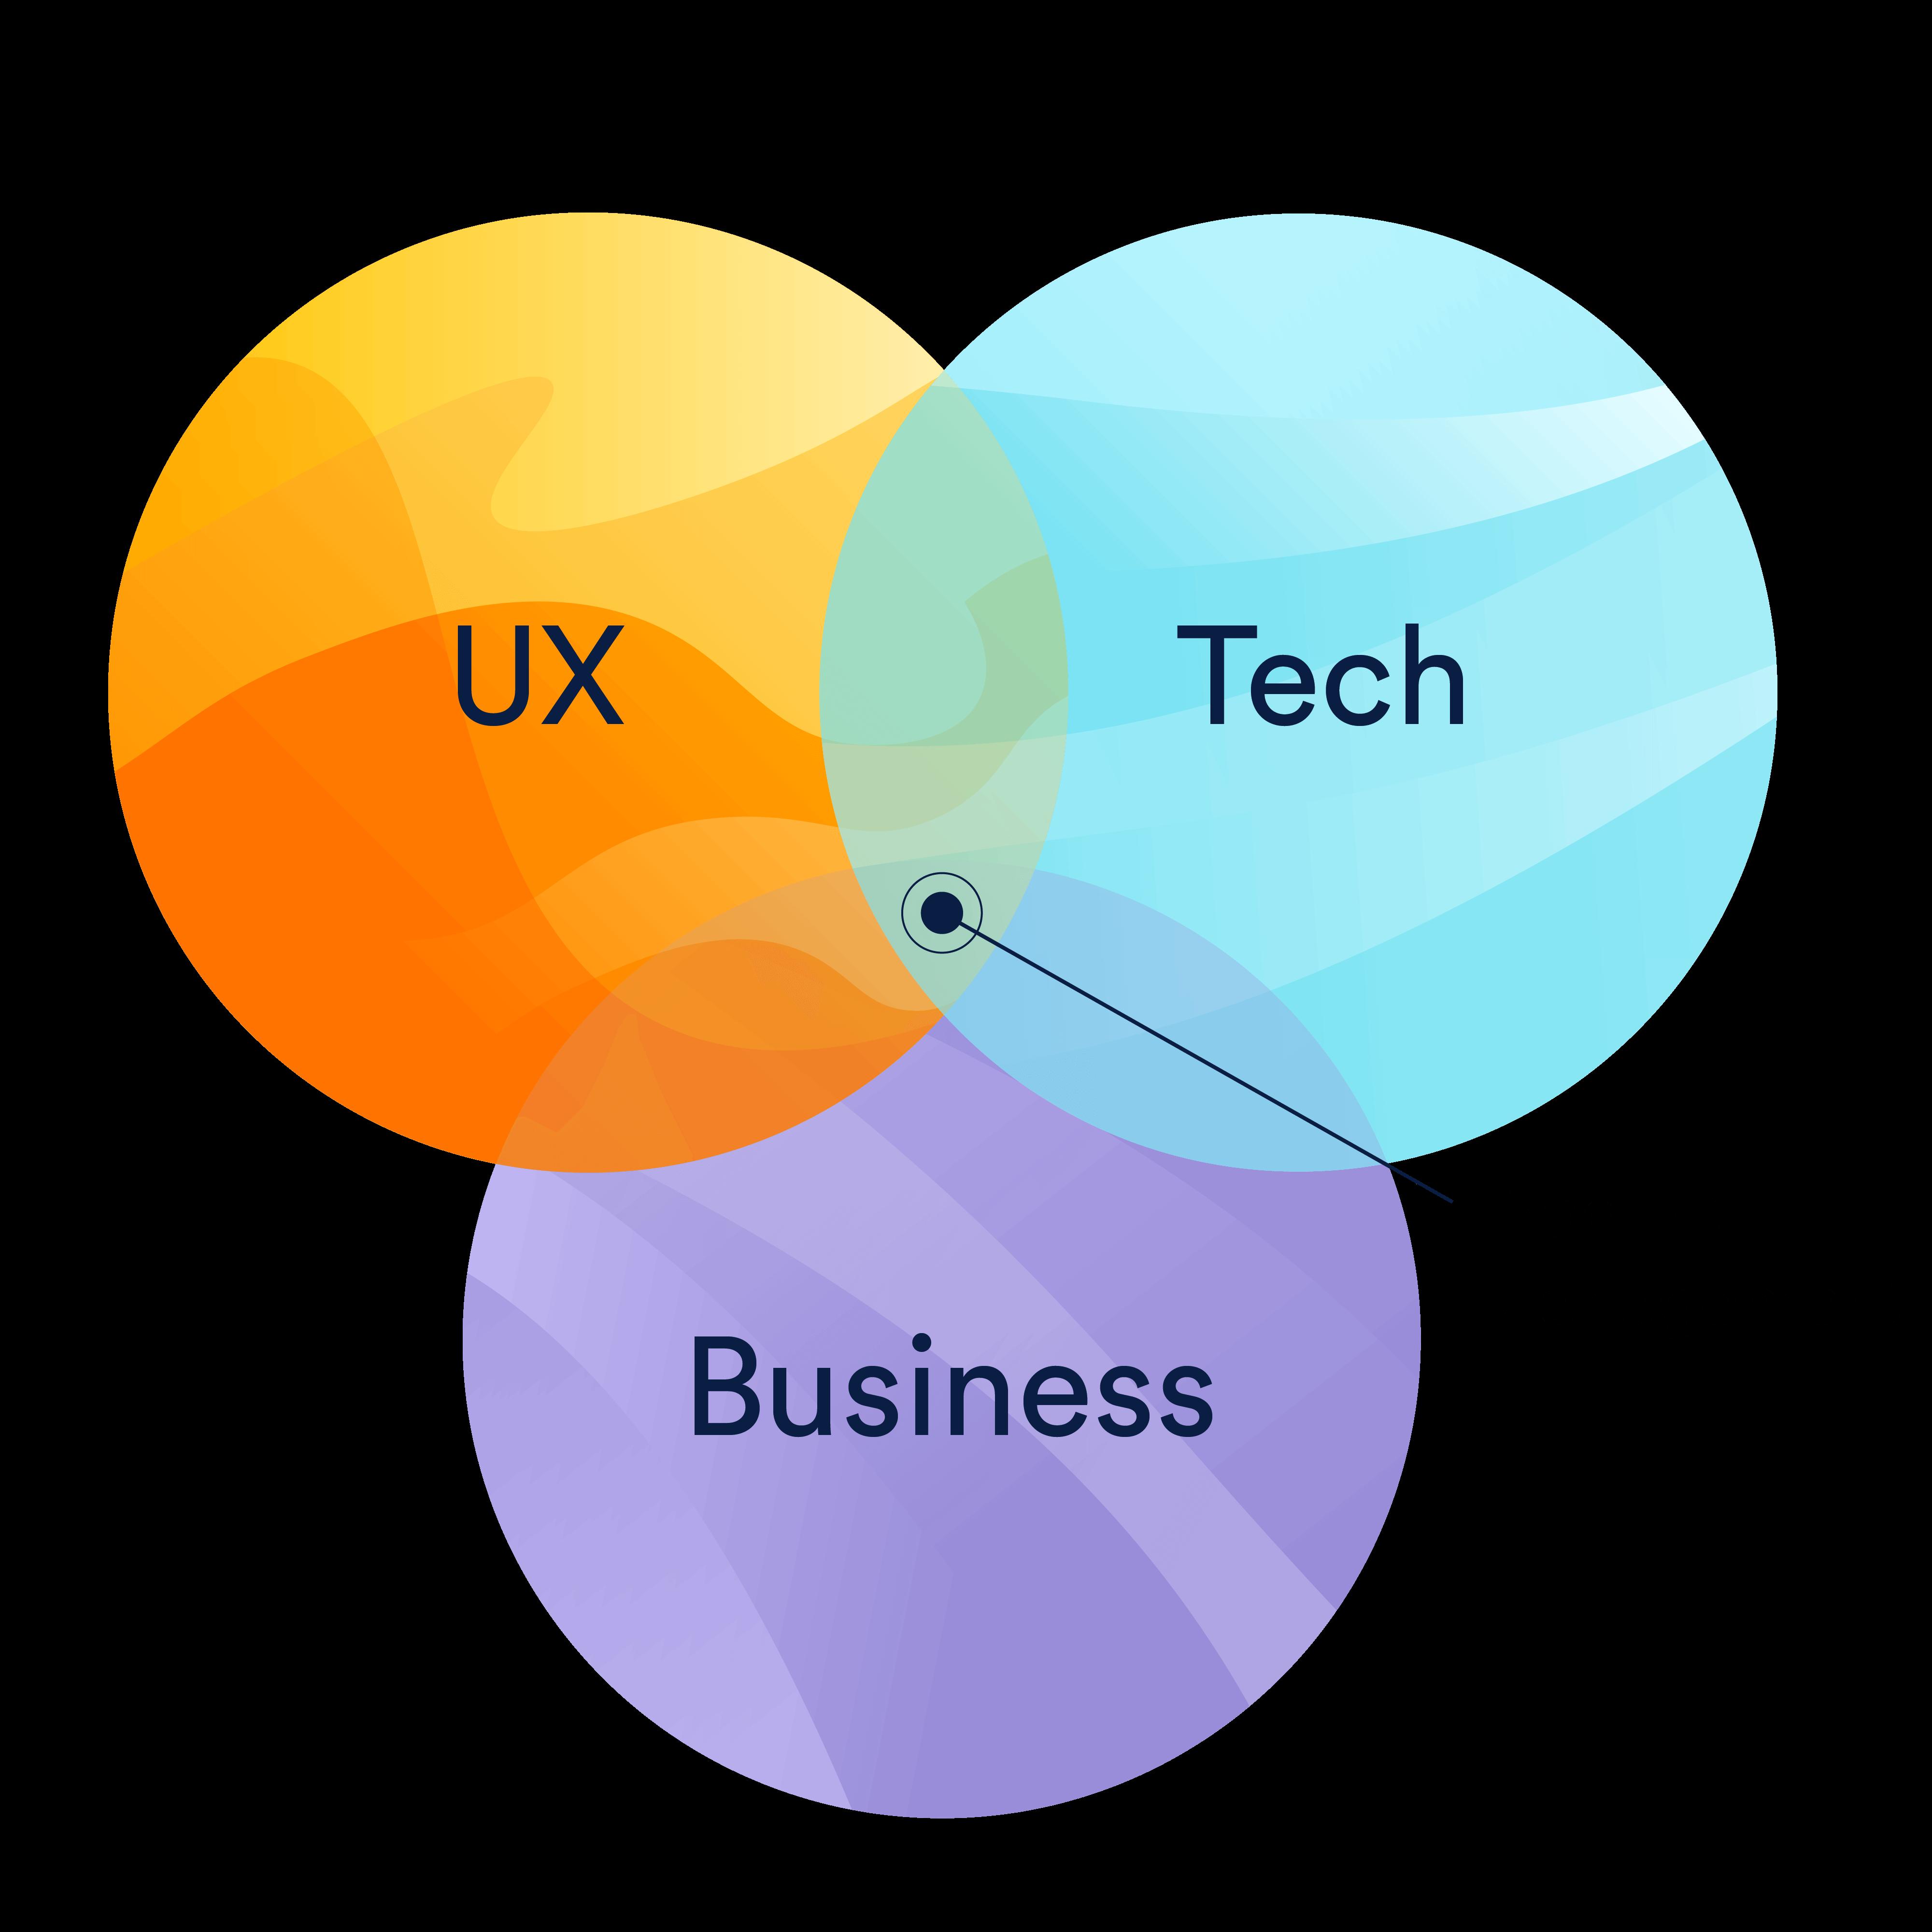 プロダクトマネージャー: 役割とその習得方法 | Atlassian